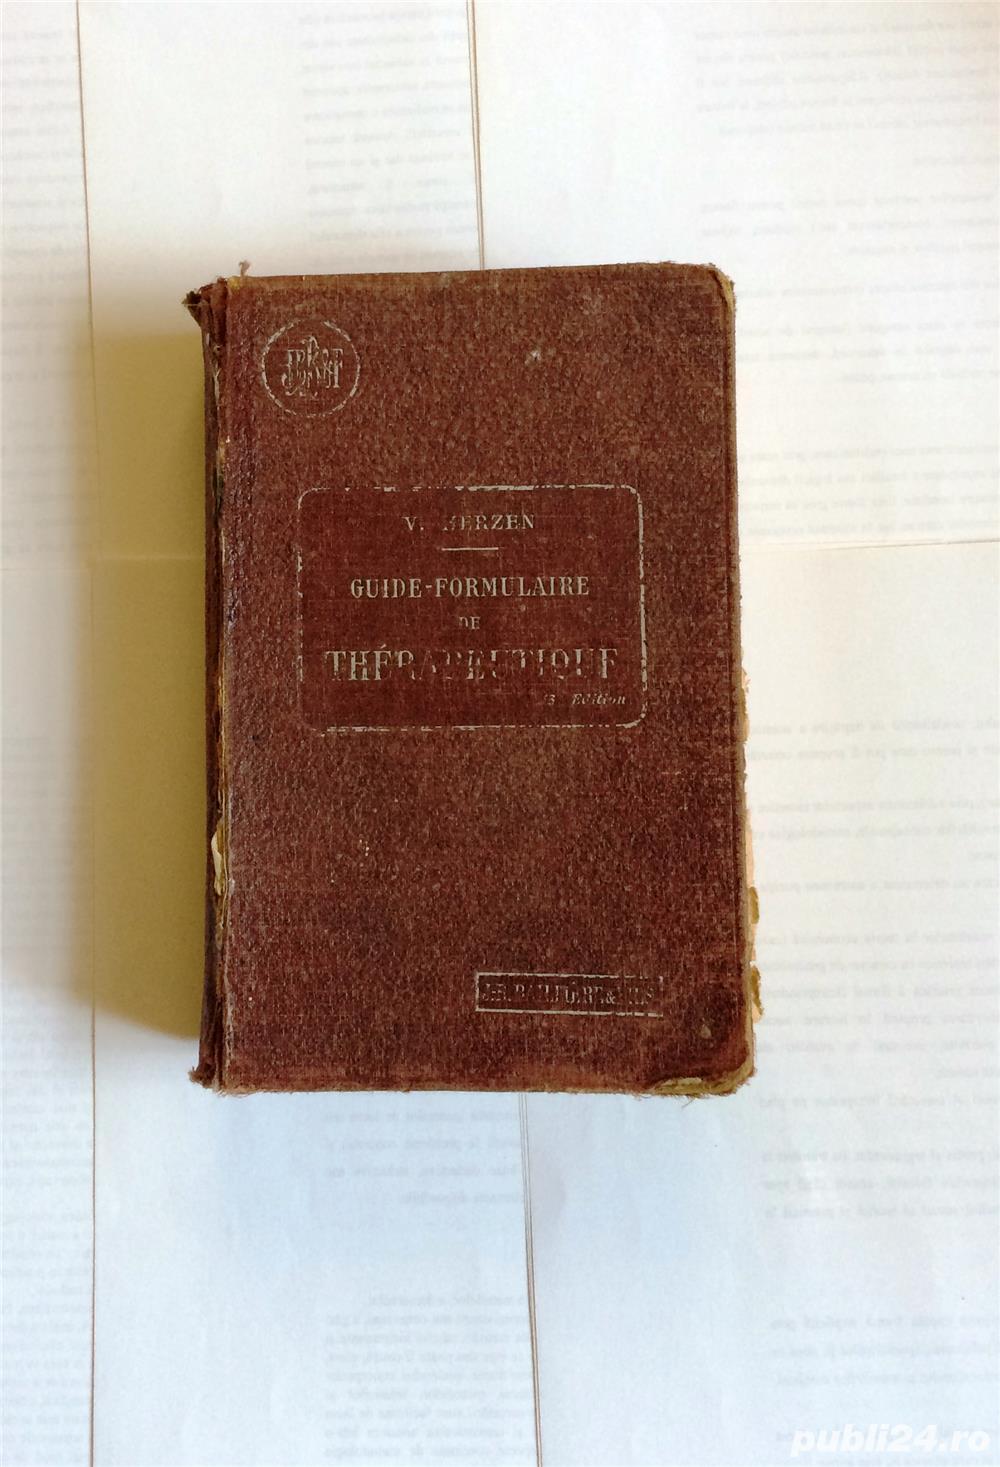 guide-formulaire de terapeutique cartonata de le dr v herzen librairie j b bailliere et fils 1927